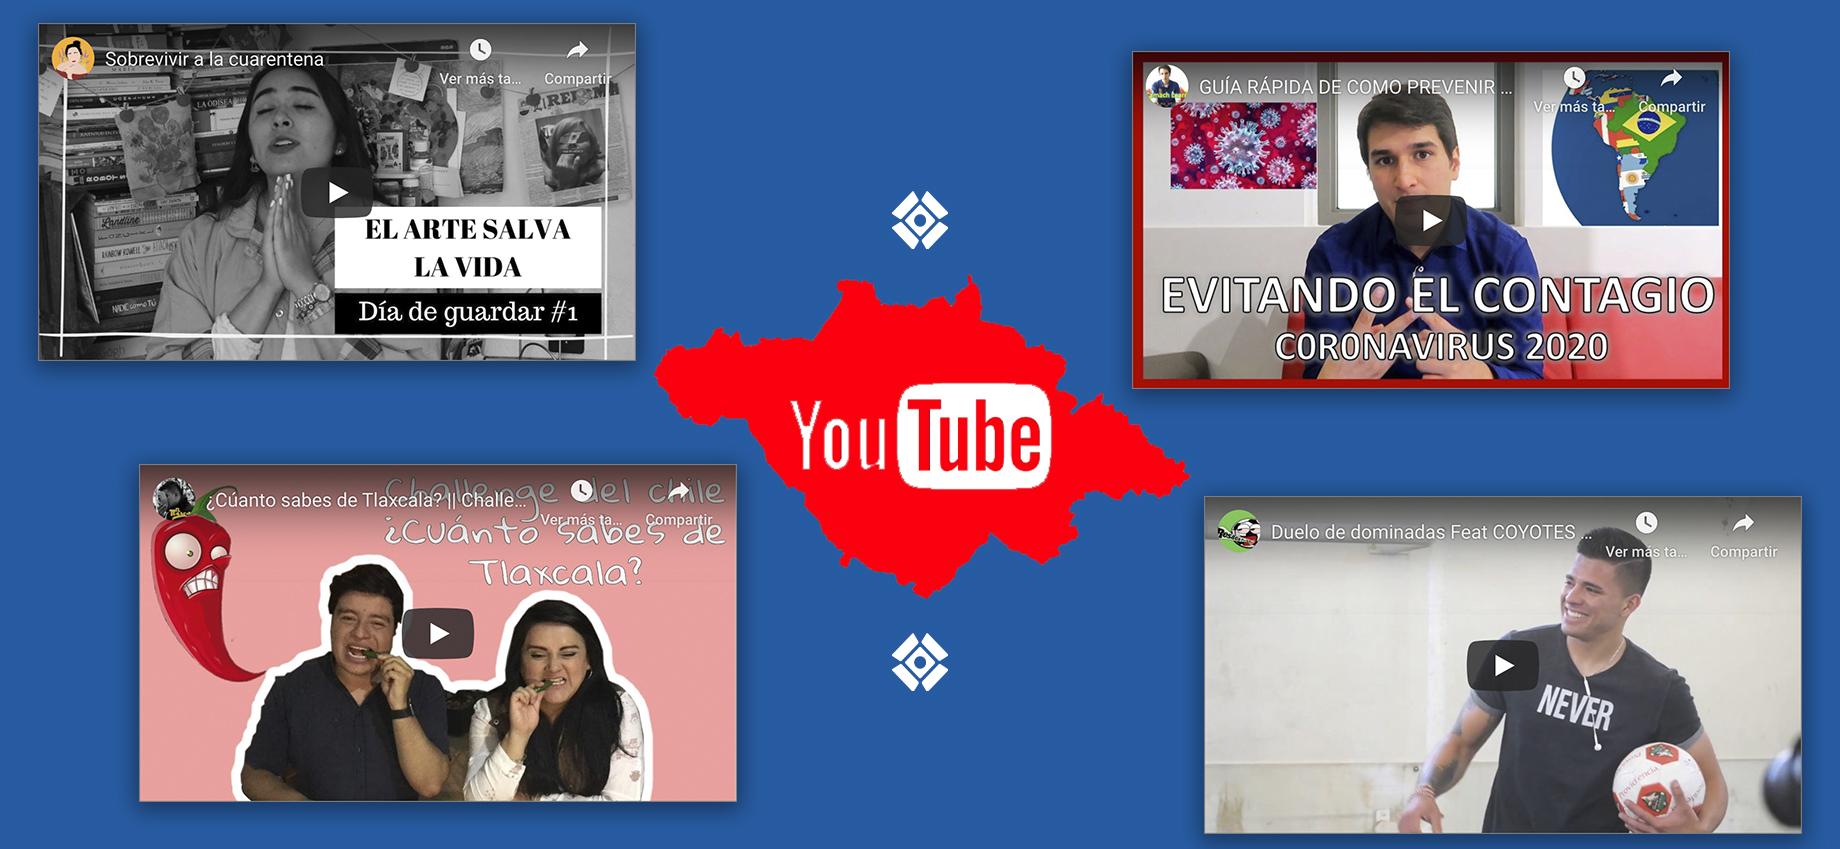 4 canales de YouTube